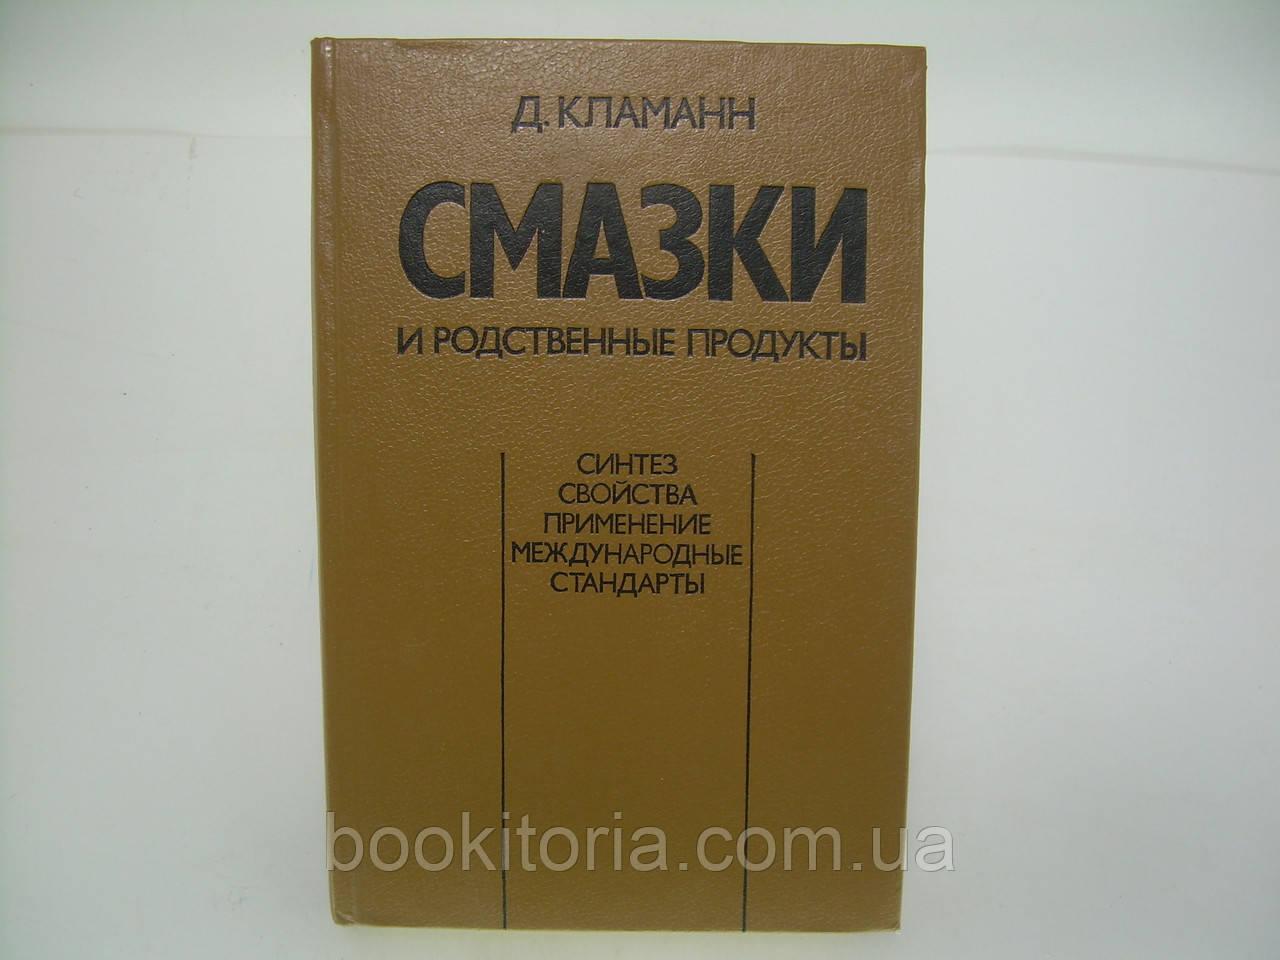 Кламанн Д. Смазки и родственные продукты. Синтез, свойства, применение, международные стандарты (б/у